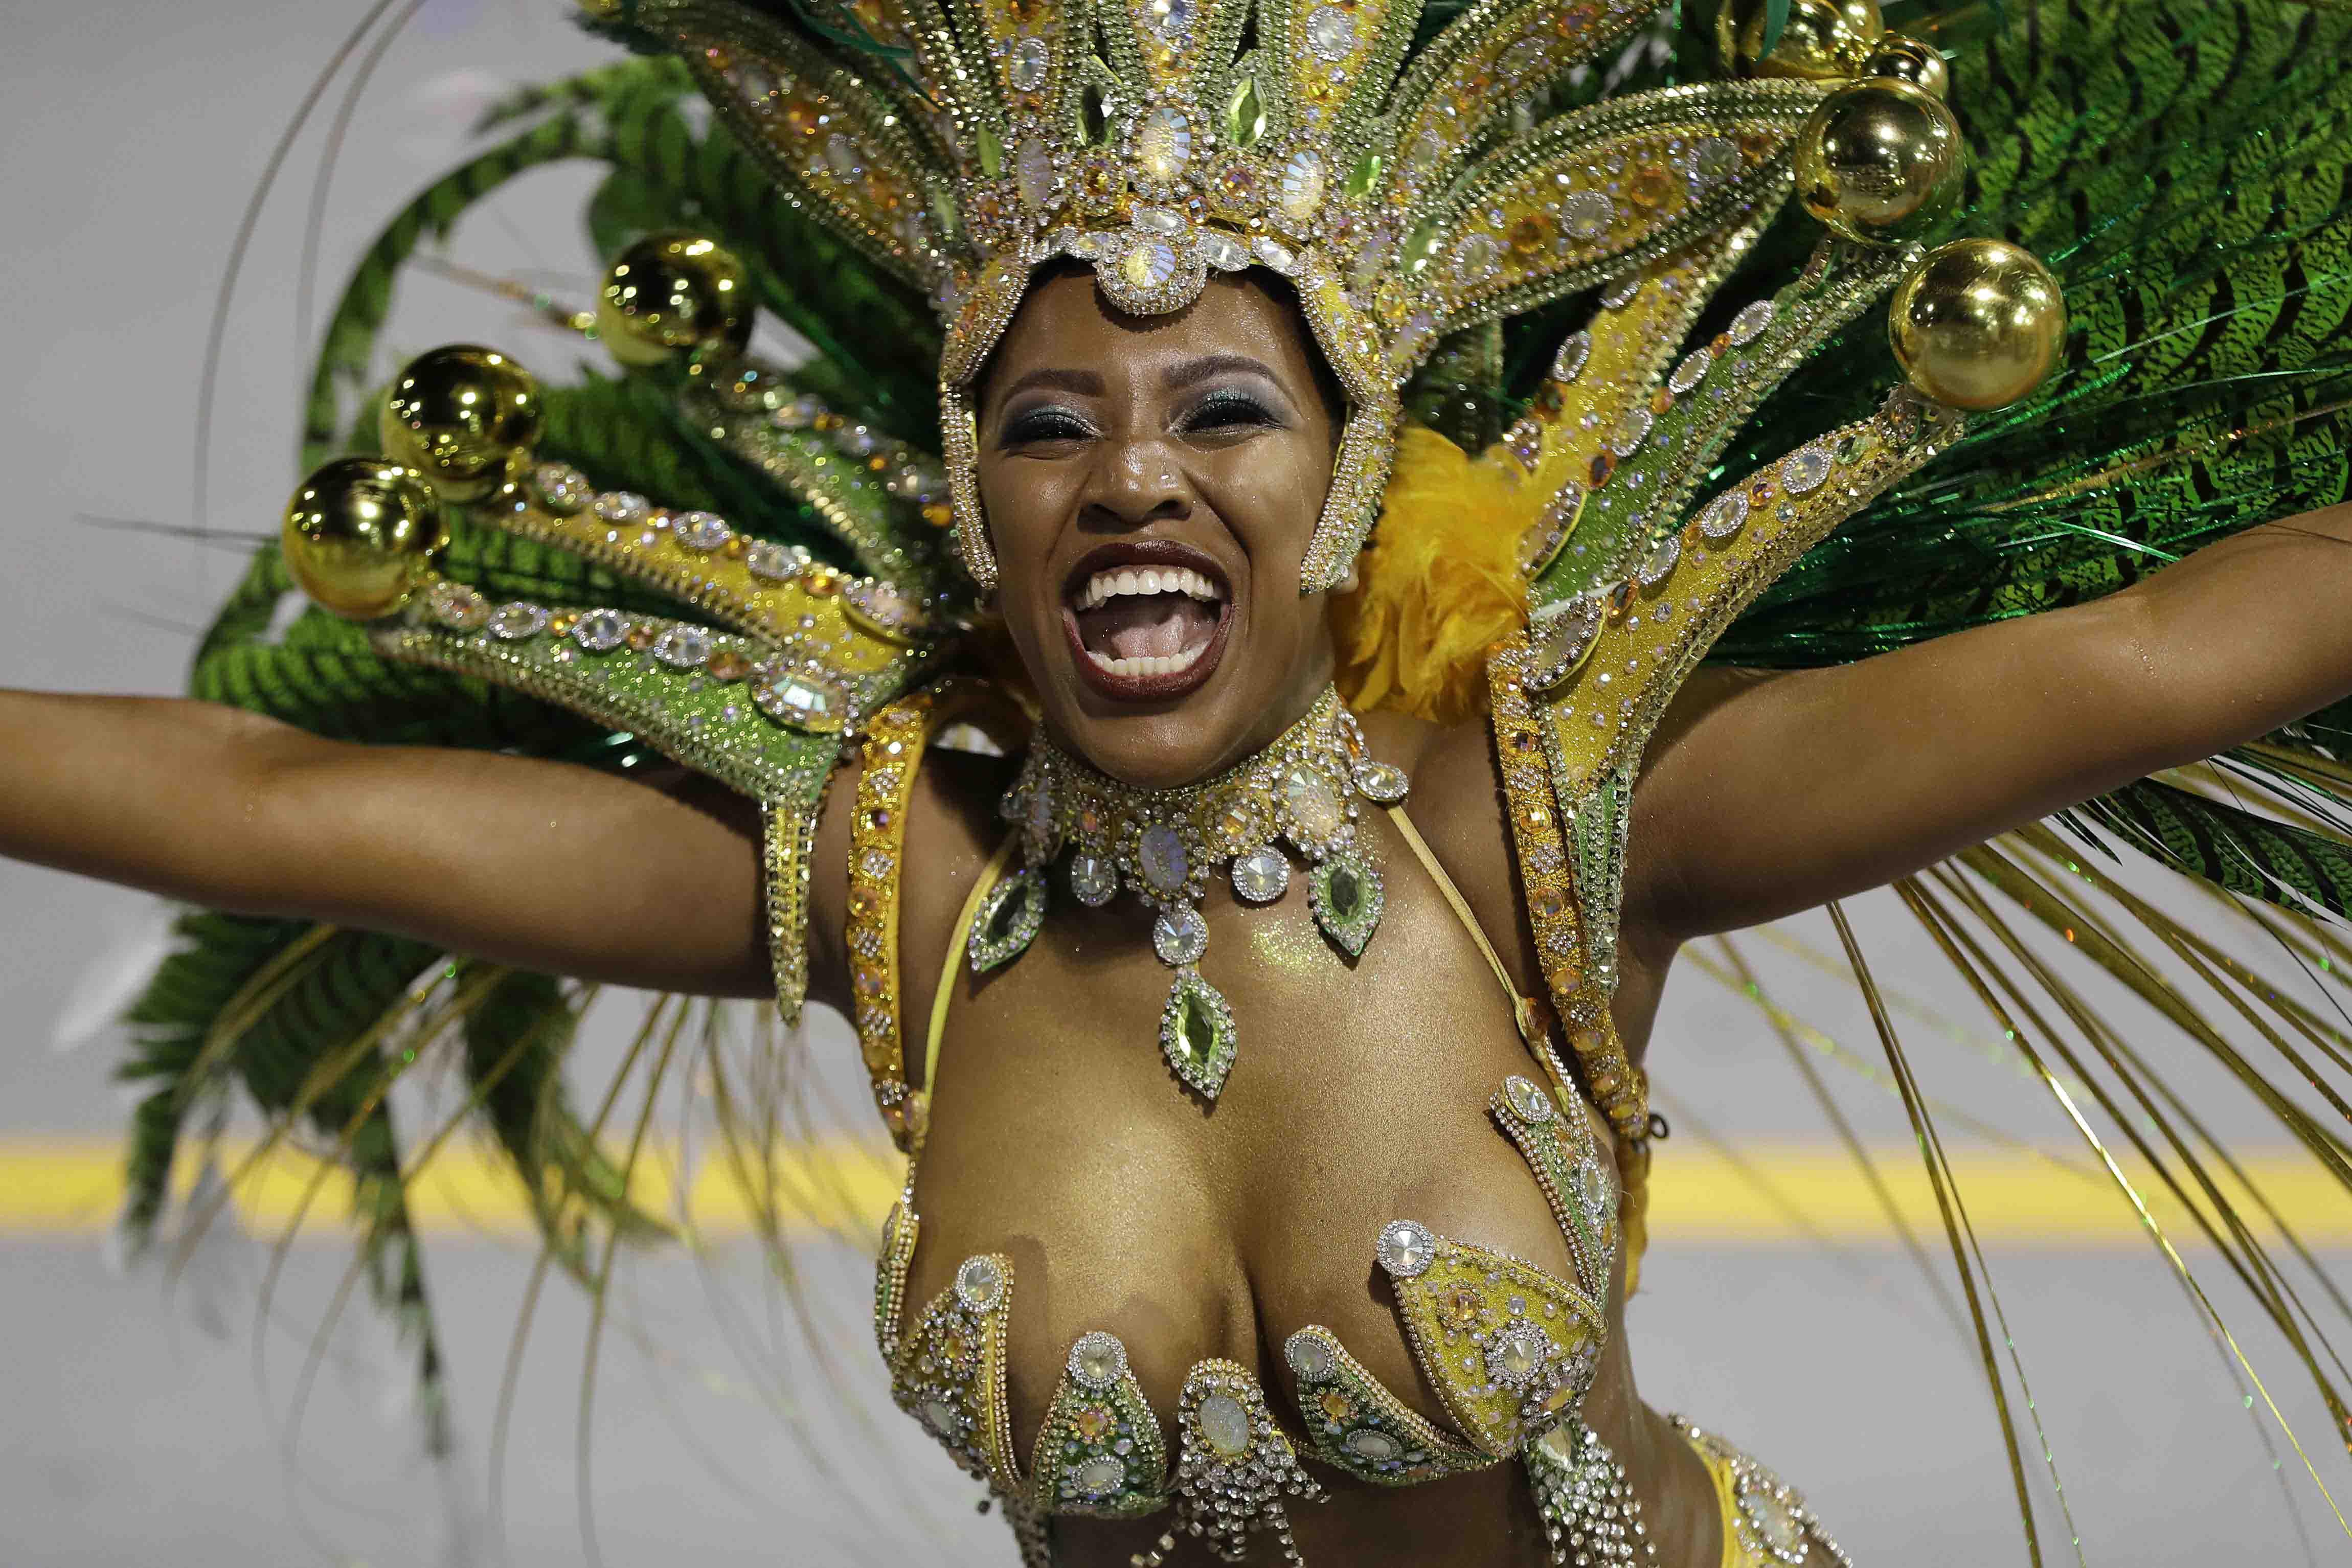 Brasil estima que recibió unos 3.619 millones de dólares por la celebración del carnaval 2018.